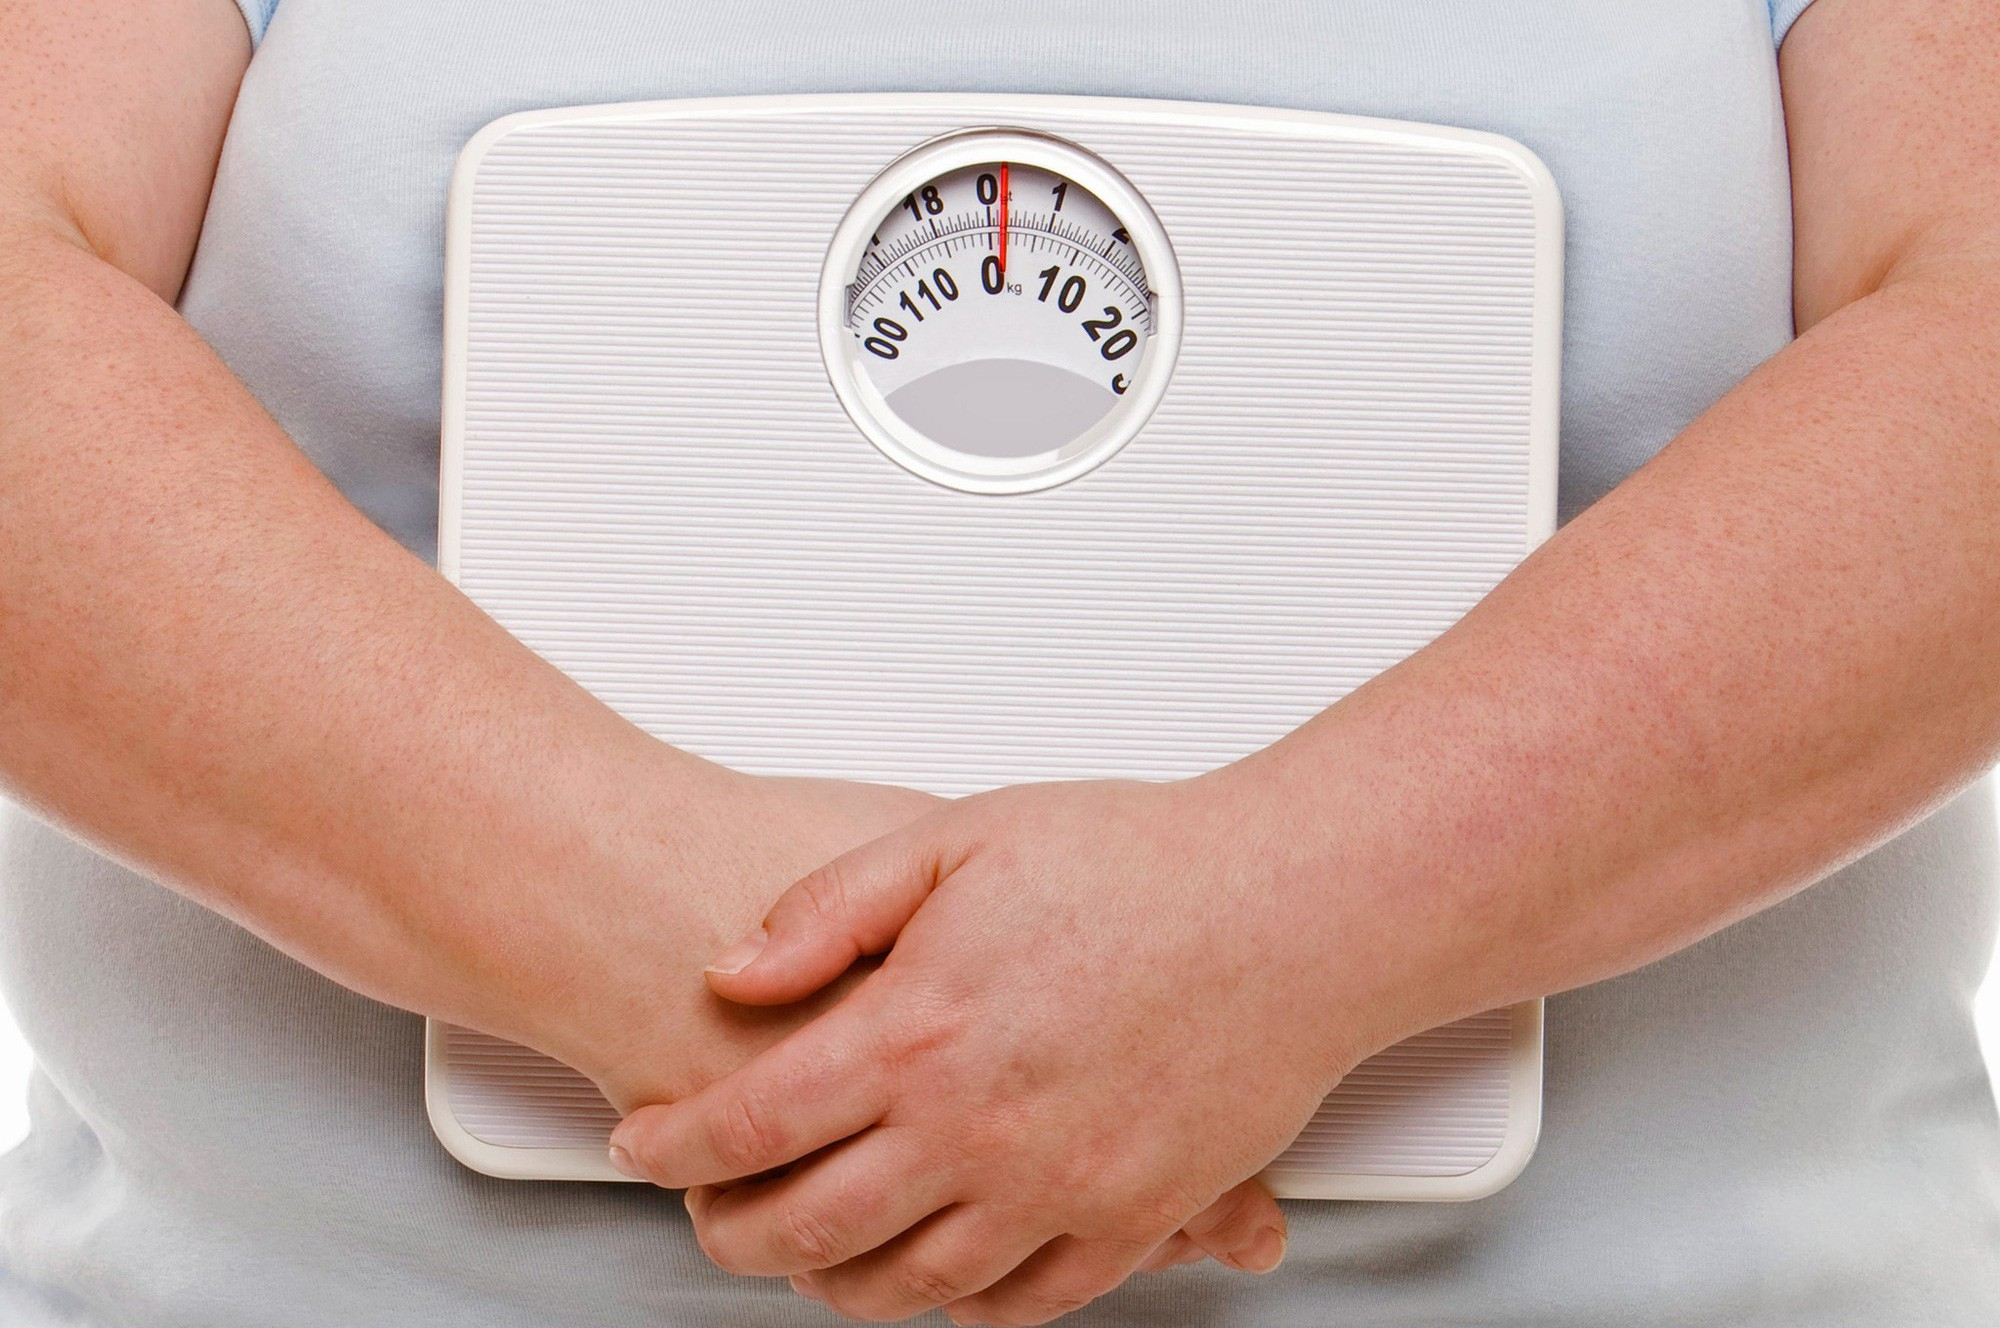 Ăn quýt để có được thật nhiều lợi ích, bao gồm cả giảm cân, giữ dáng - Ảnh 2.